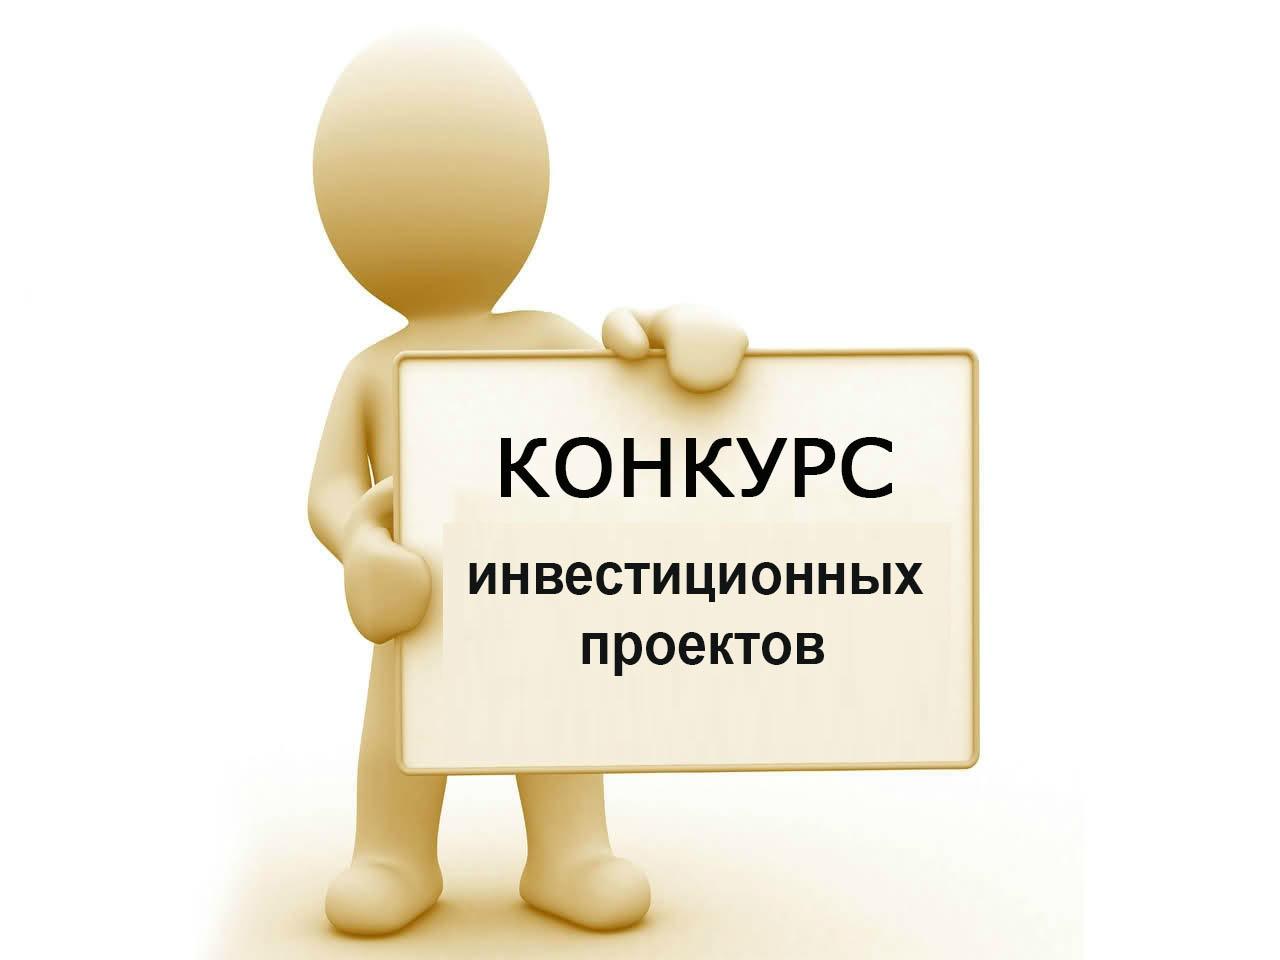 Конкурс инвестиционных проектов субъектов предпринимательства Витебской области для оказания государственной поддержки